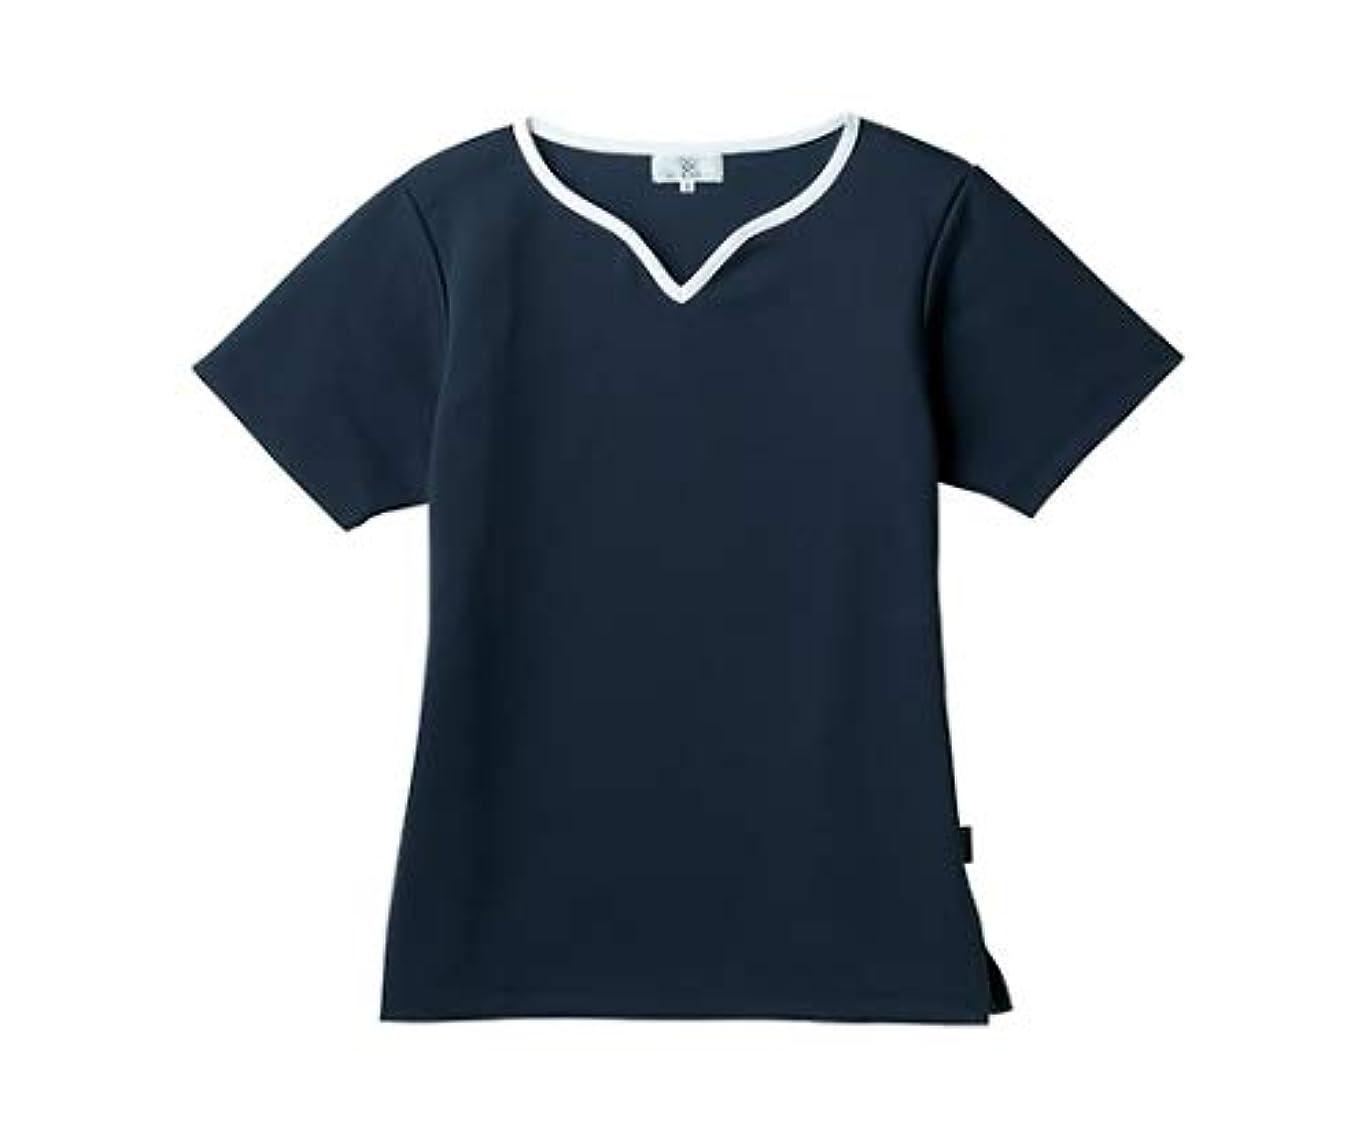 バックアップポスト印象派ホームレストンボ/KIRAKU レディス入浴介助用シャツ CR161 S ネイビー